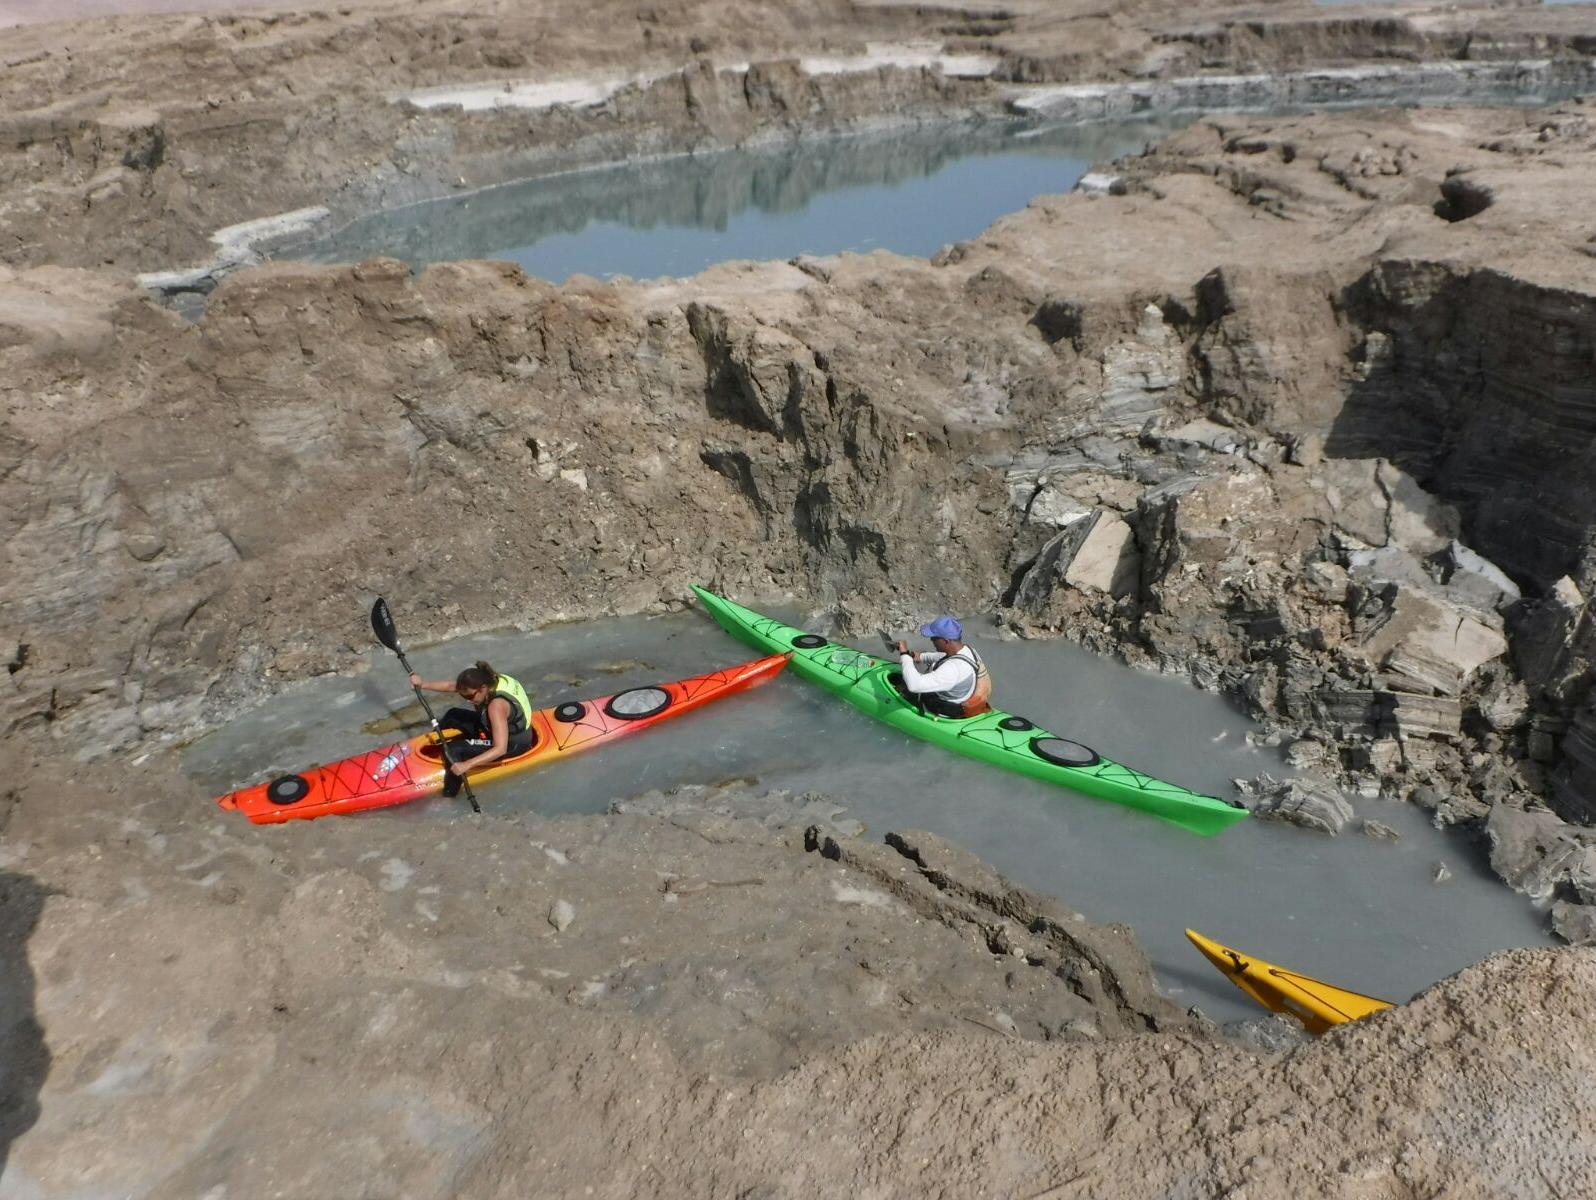 ותפער האדמה את פיה: ציידי הבולענים מול אזור הסכנה של ים המלח